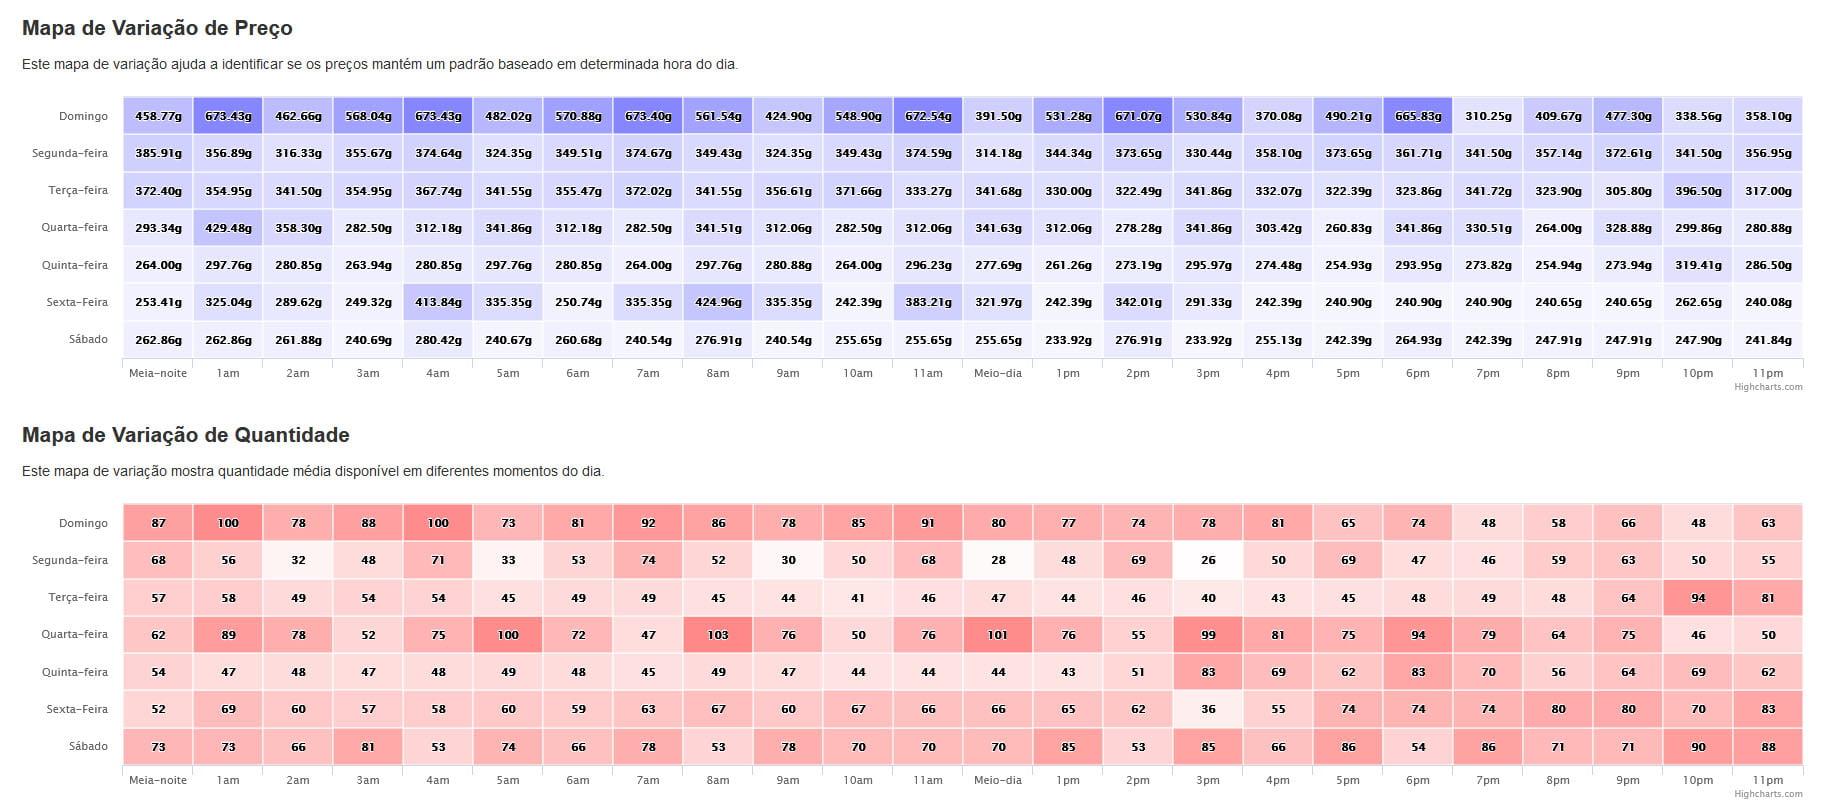 Variação de Preço e Quantidade de Encantamentos de Pacto de Aceleração no Stormrage (clique para ampliar a imagem).